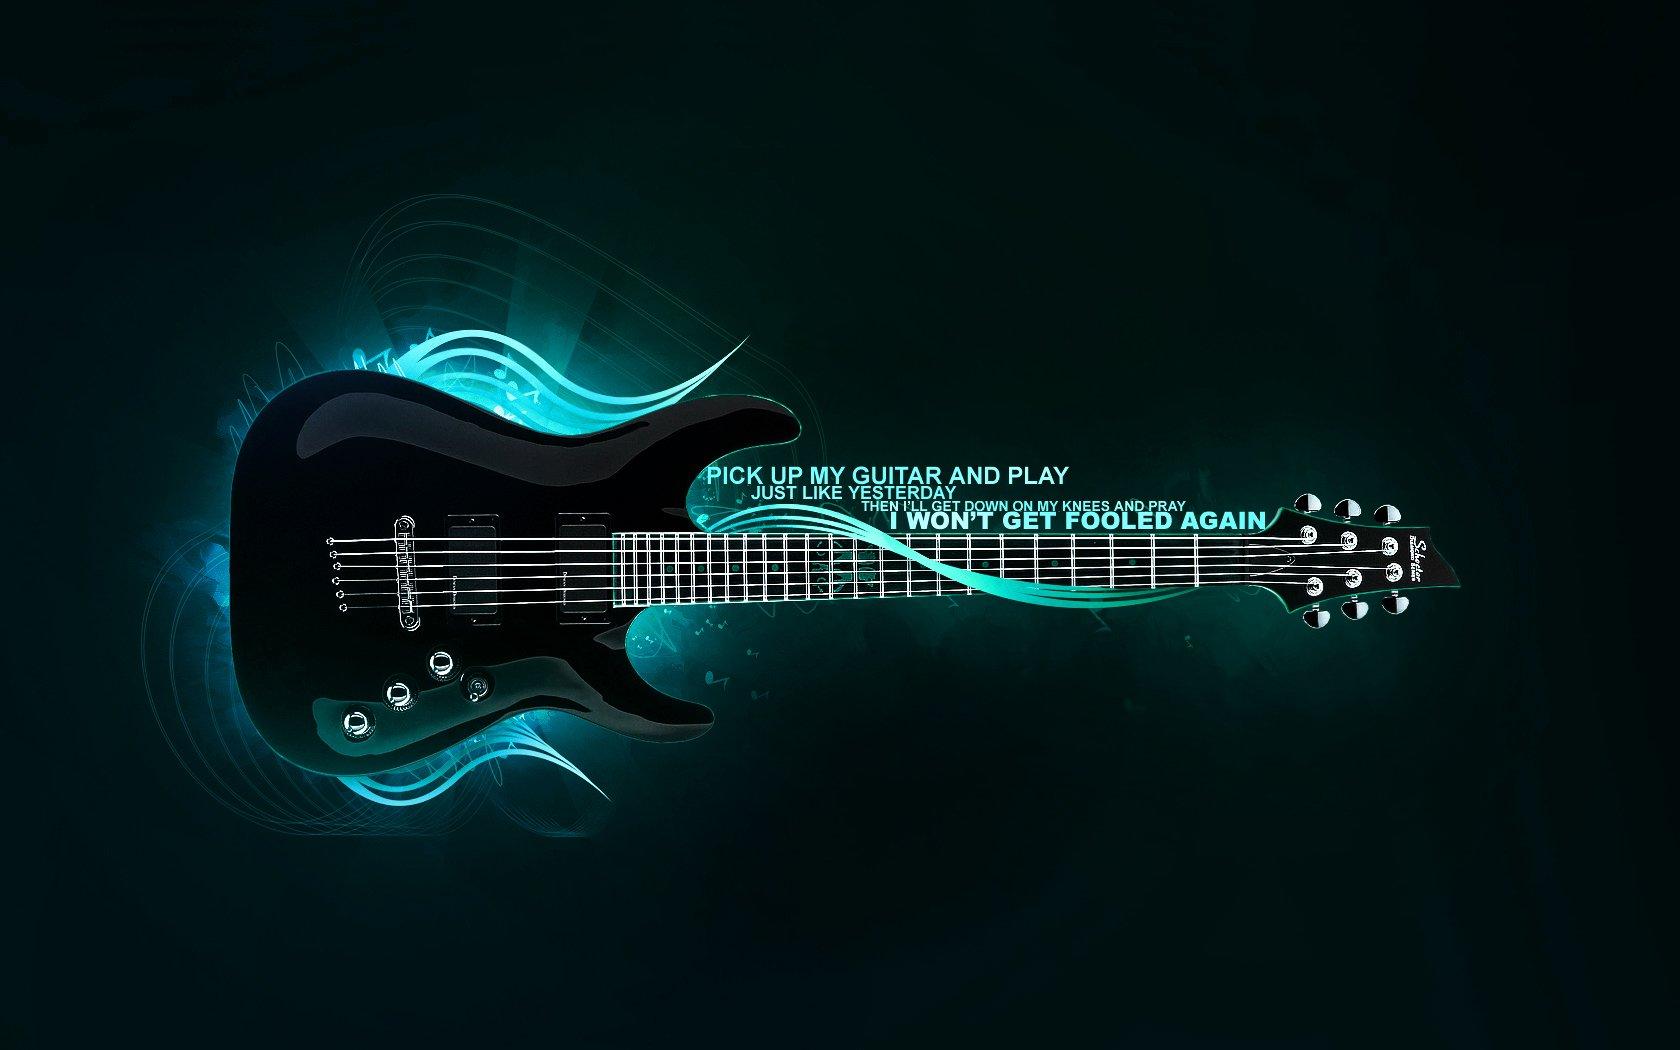 673 guitar hd wallpapers